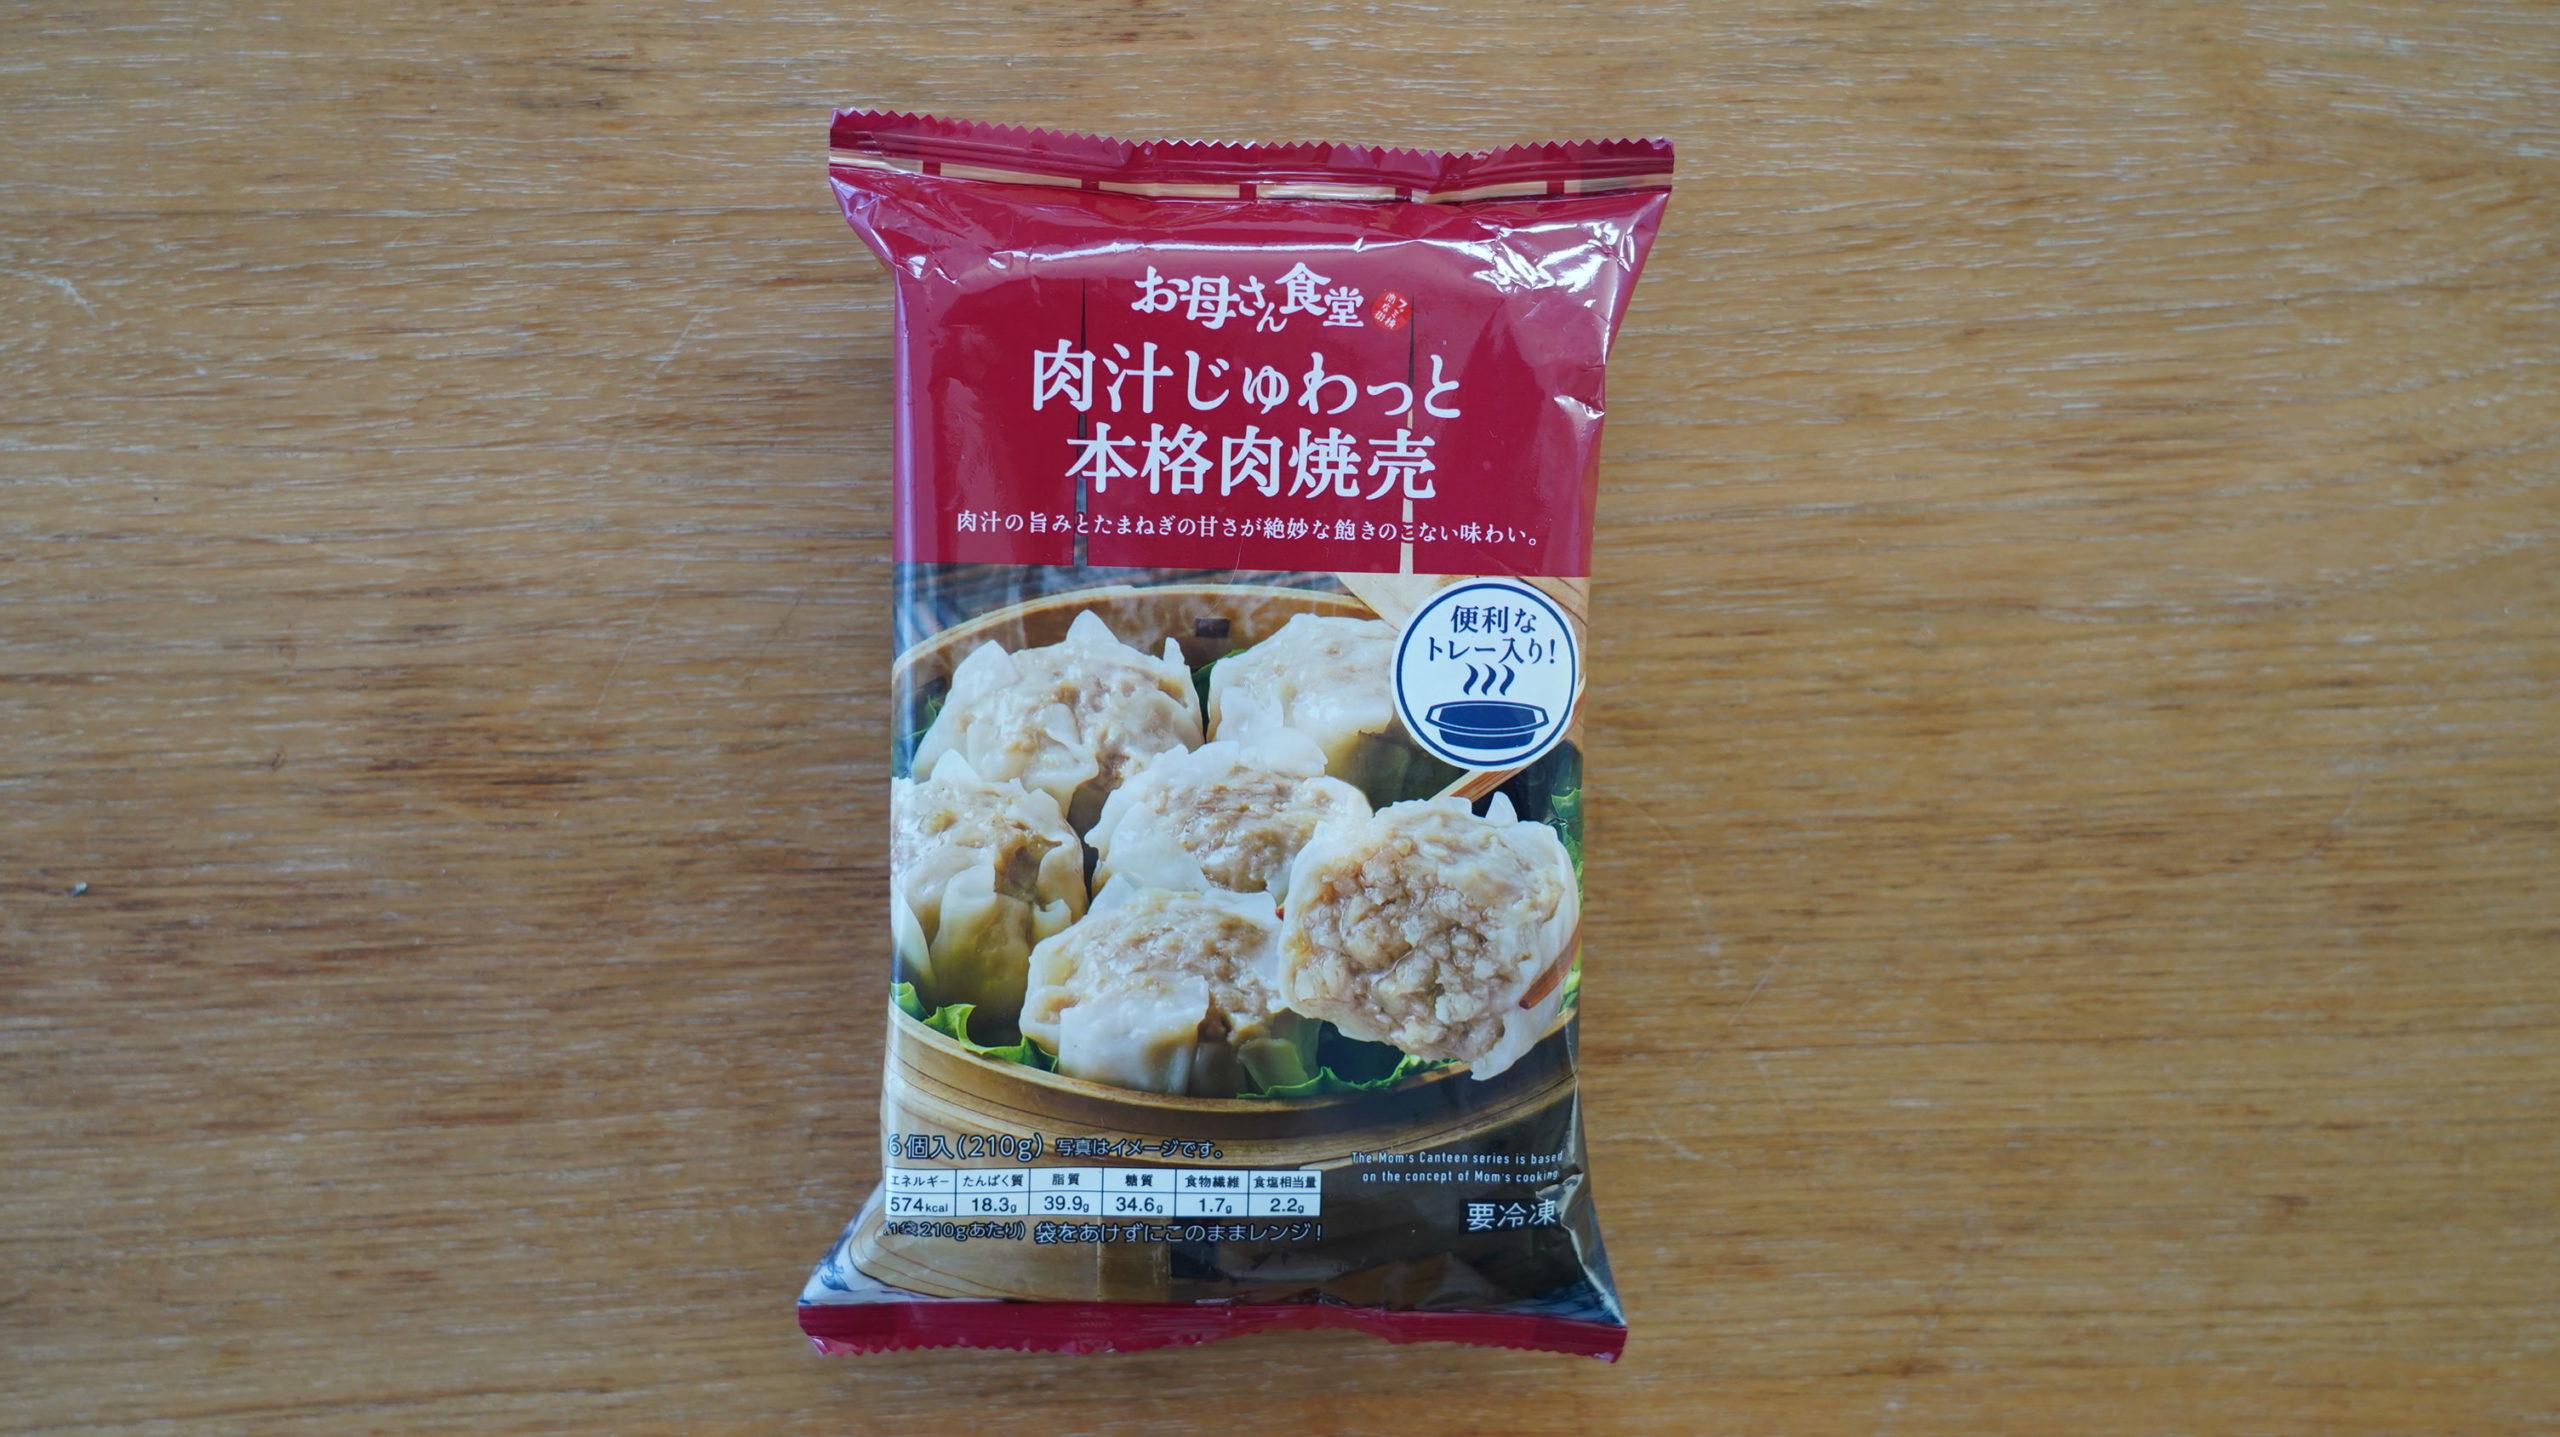 ファミリーマートの冷凍食品「肉汁じゅわっと本格肉焼売」のパッケージ写真